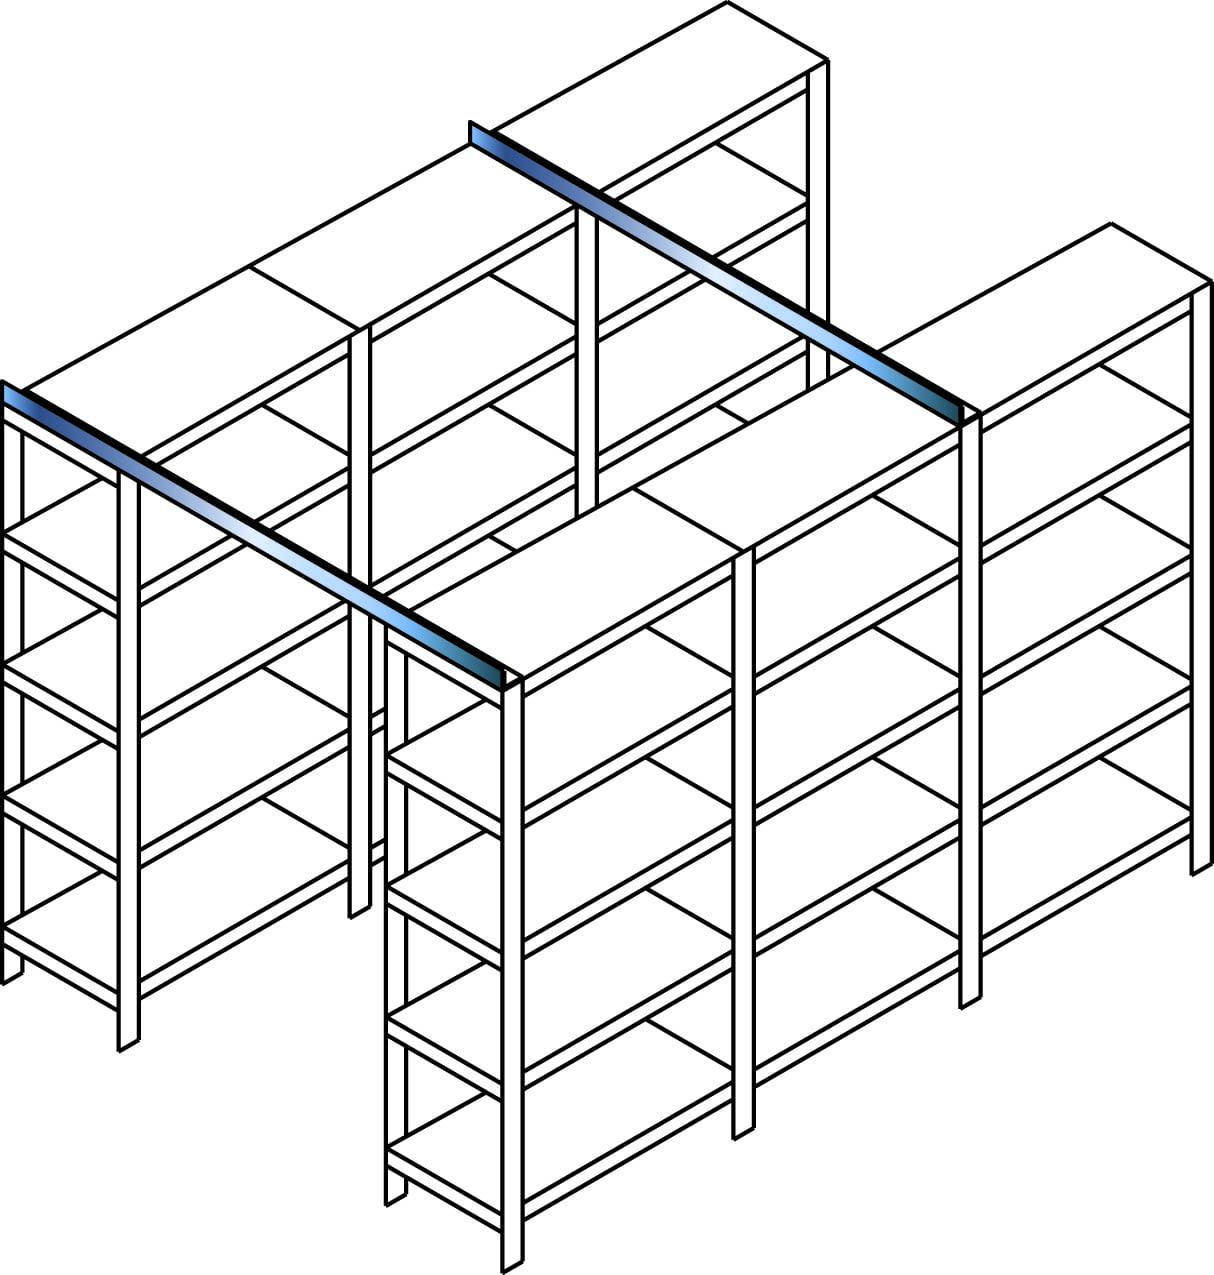 Querverband-Set4: 3000mm, für den – Aufbau von Querverbänden